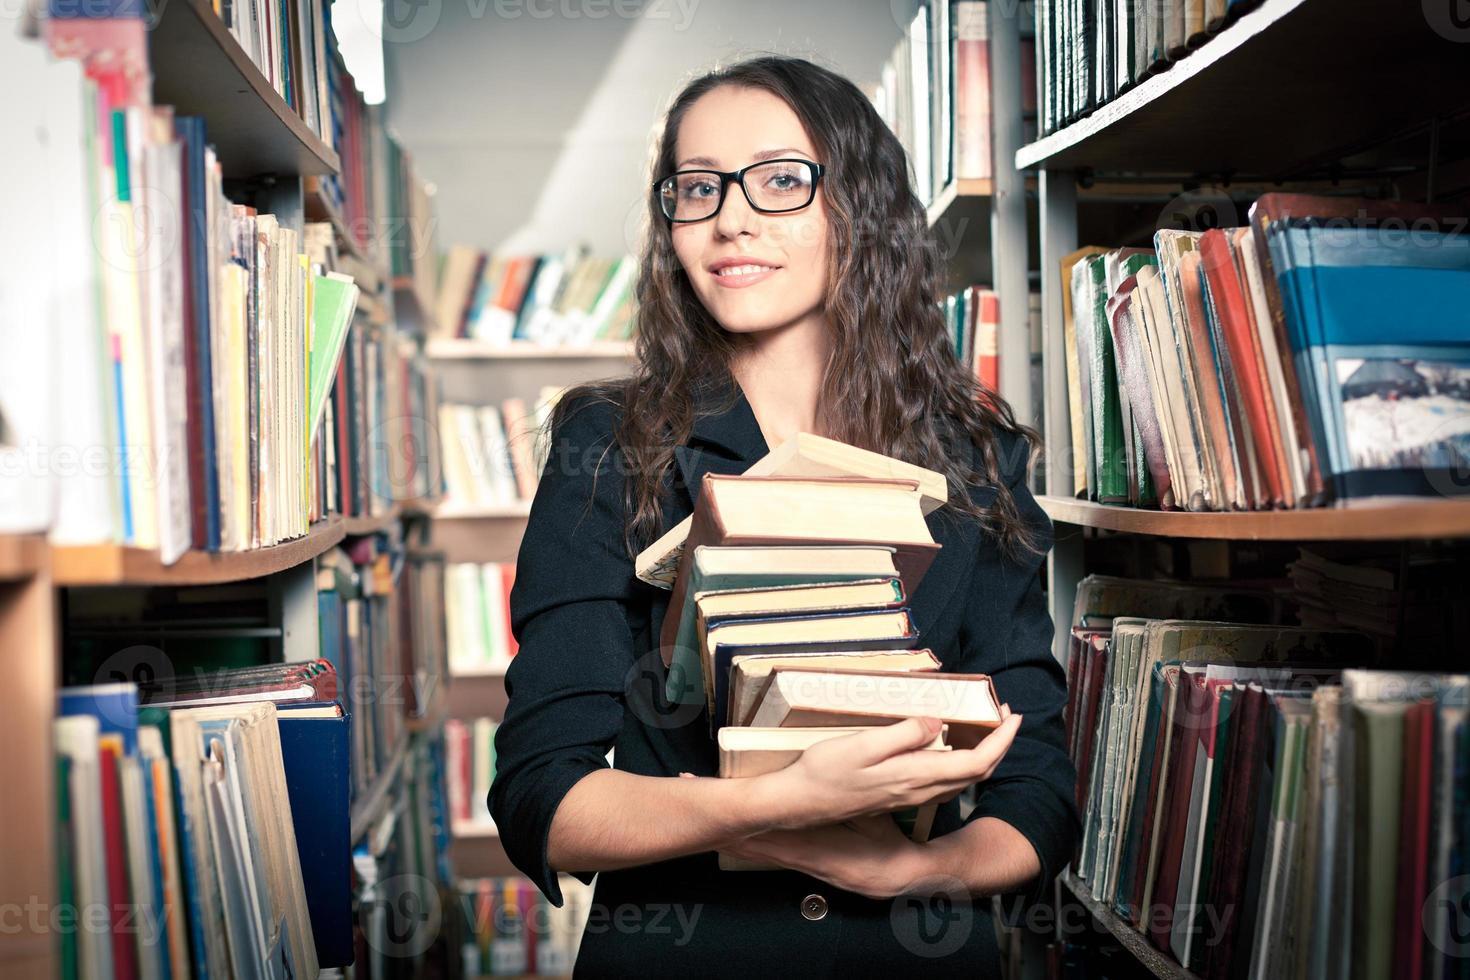 brunette vrouw in bibliotheek foto